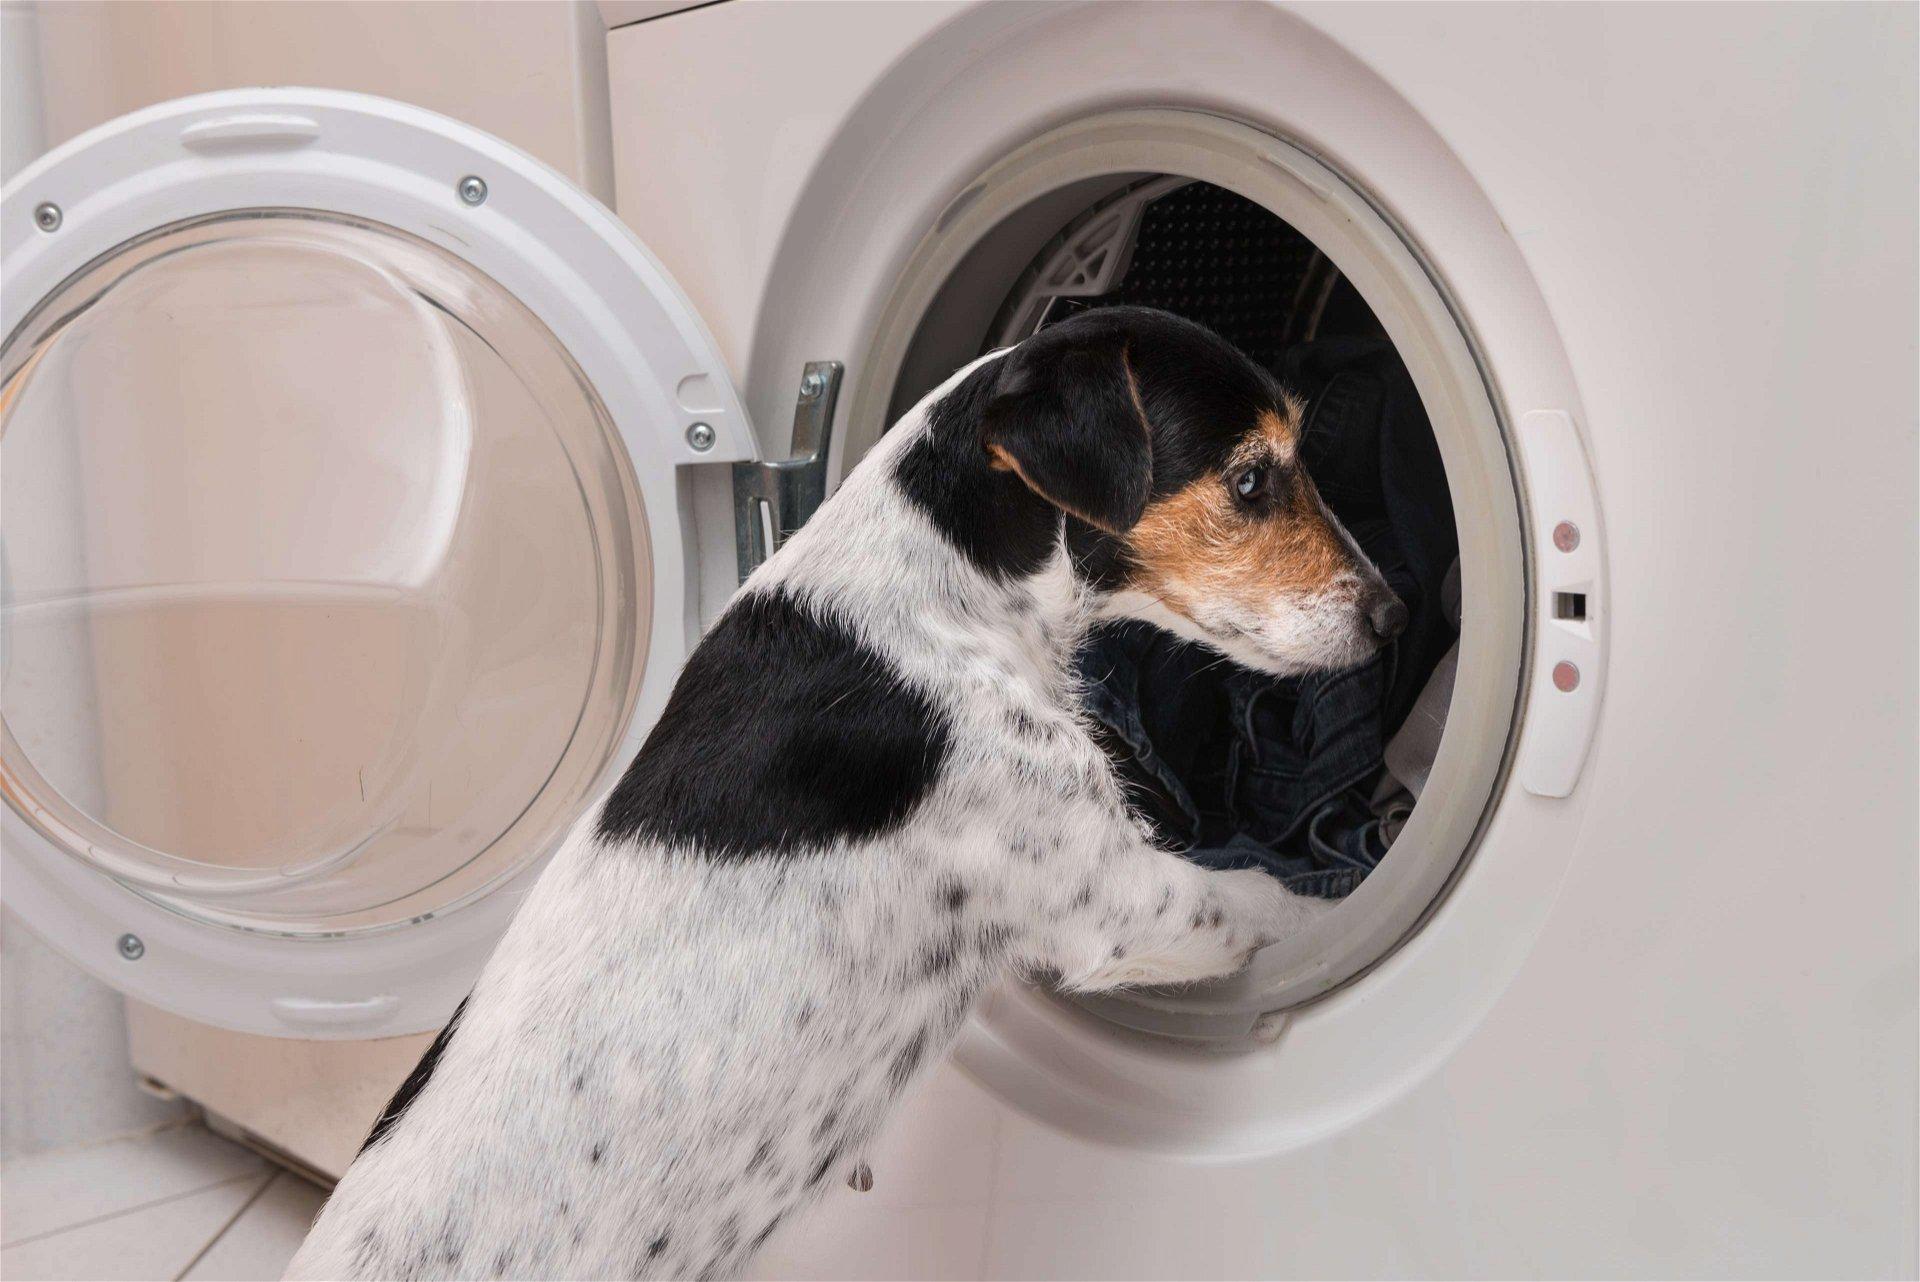 Hund-Waschmaschine_1920x1920-2x2L1O1CZtpXrkH